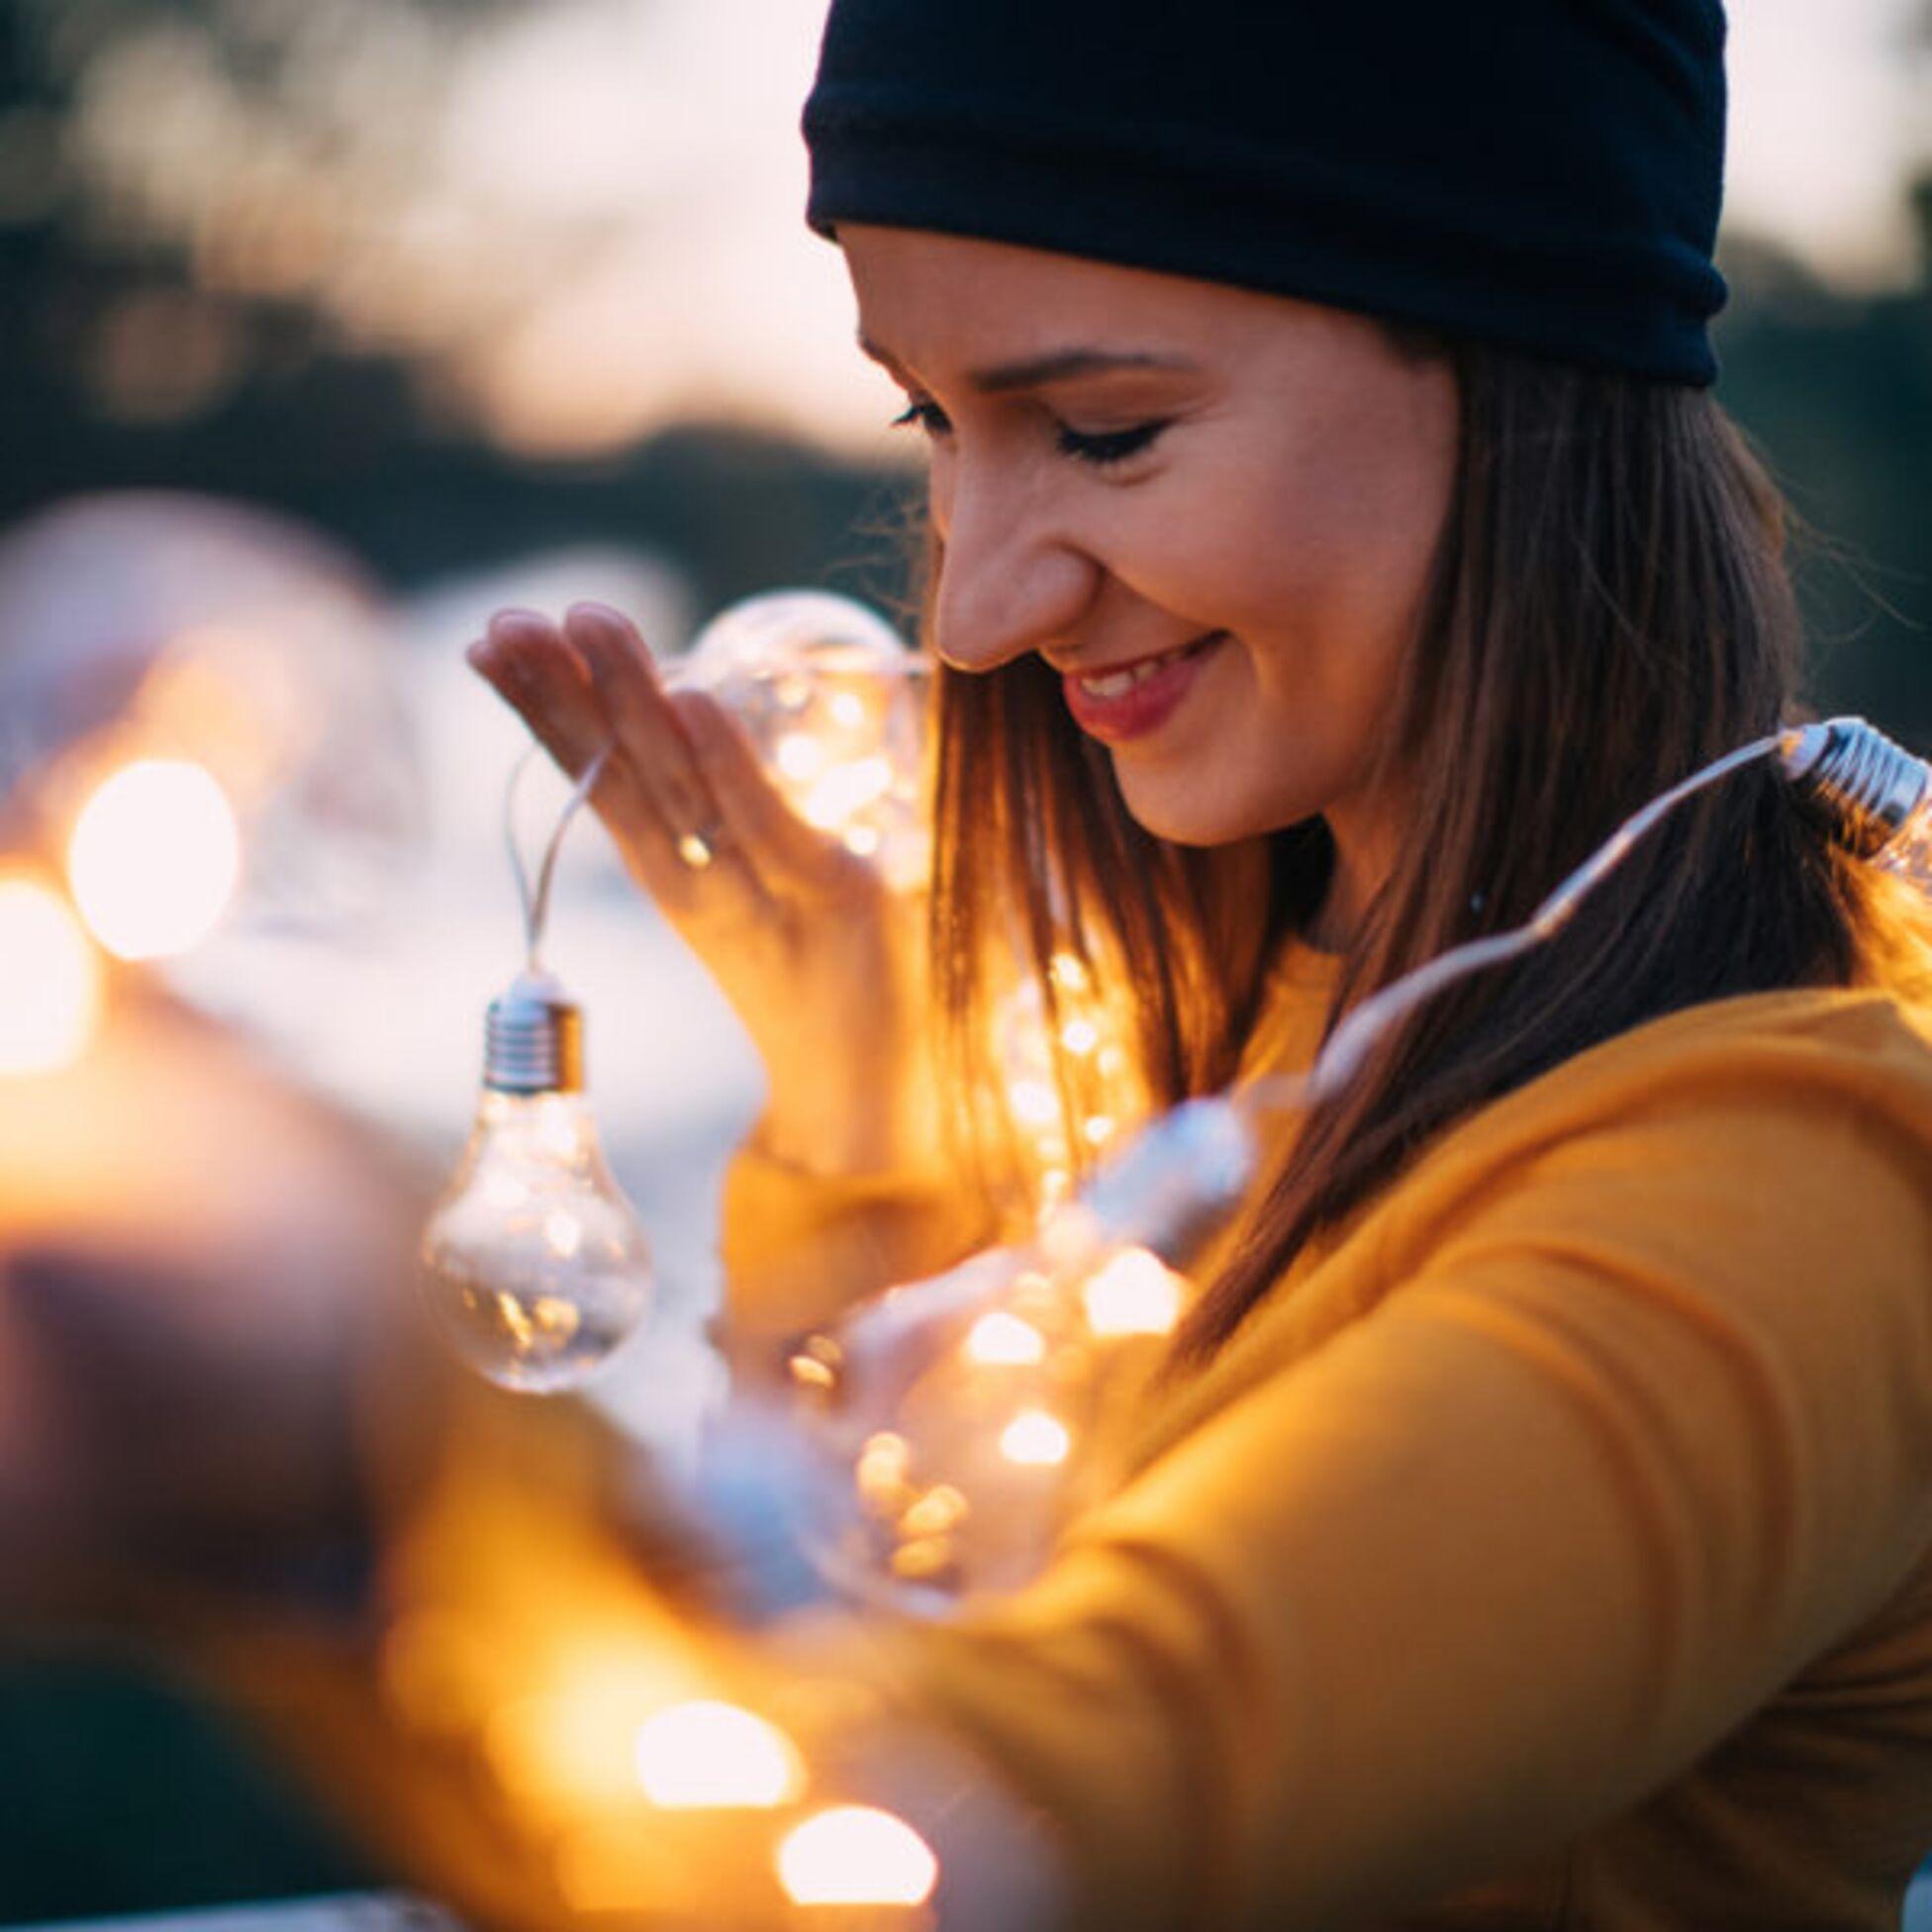 Junge Frau draußen mit leuchtenden Glühlampen.